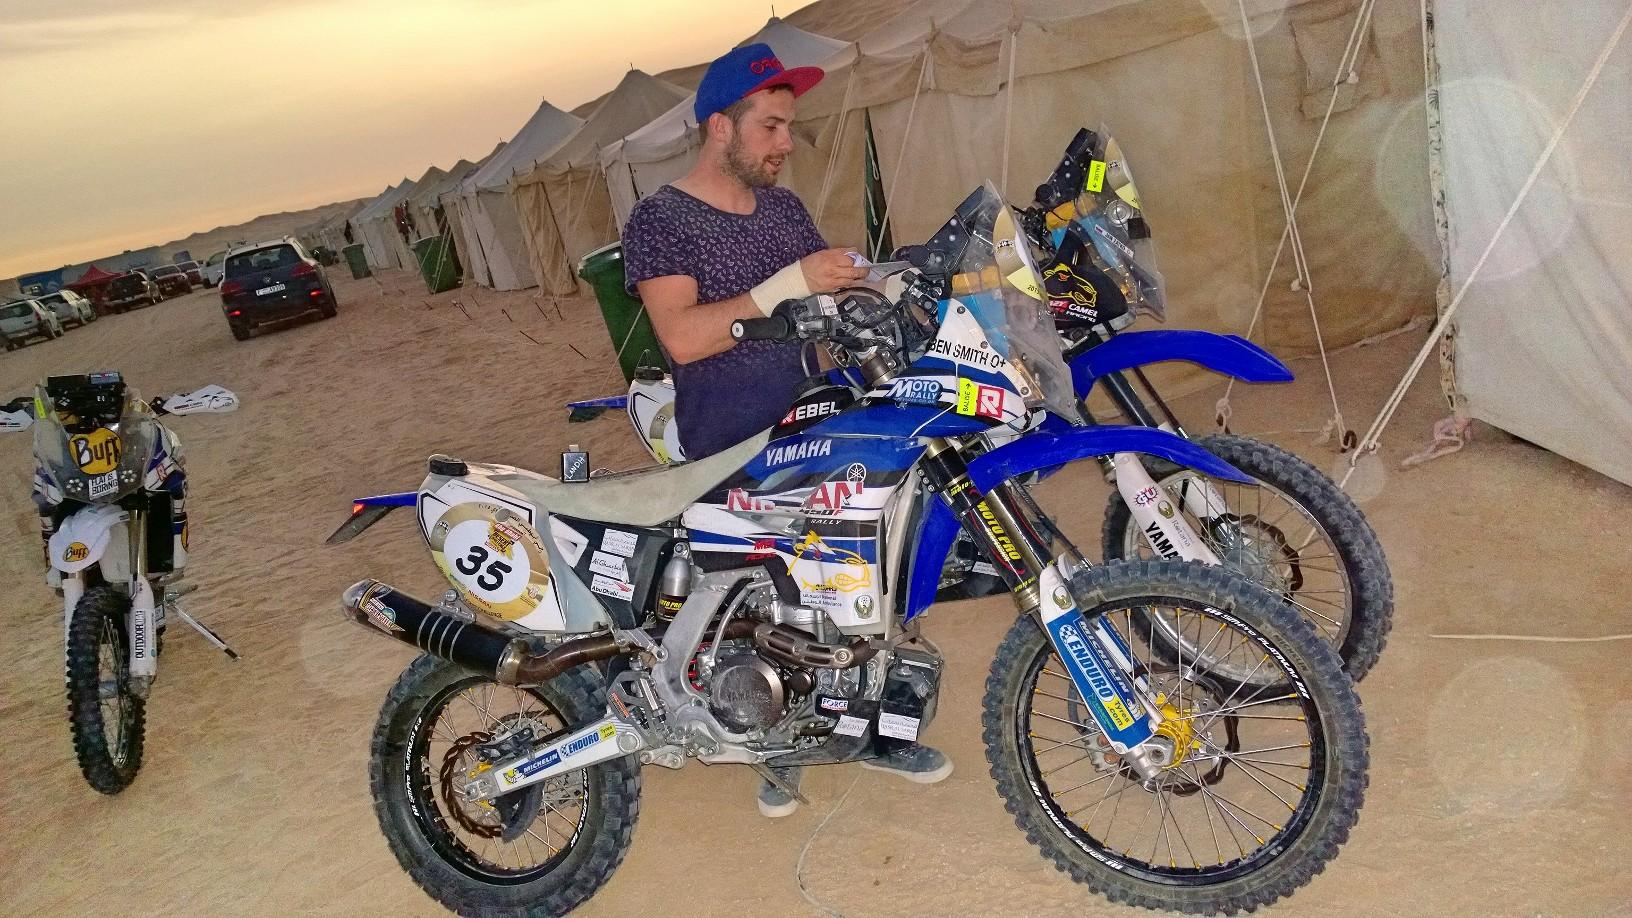 Abu Dhabi Desert Challenge 2015 Yamaha WR450F Rally 25